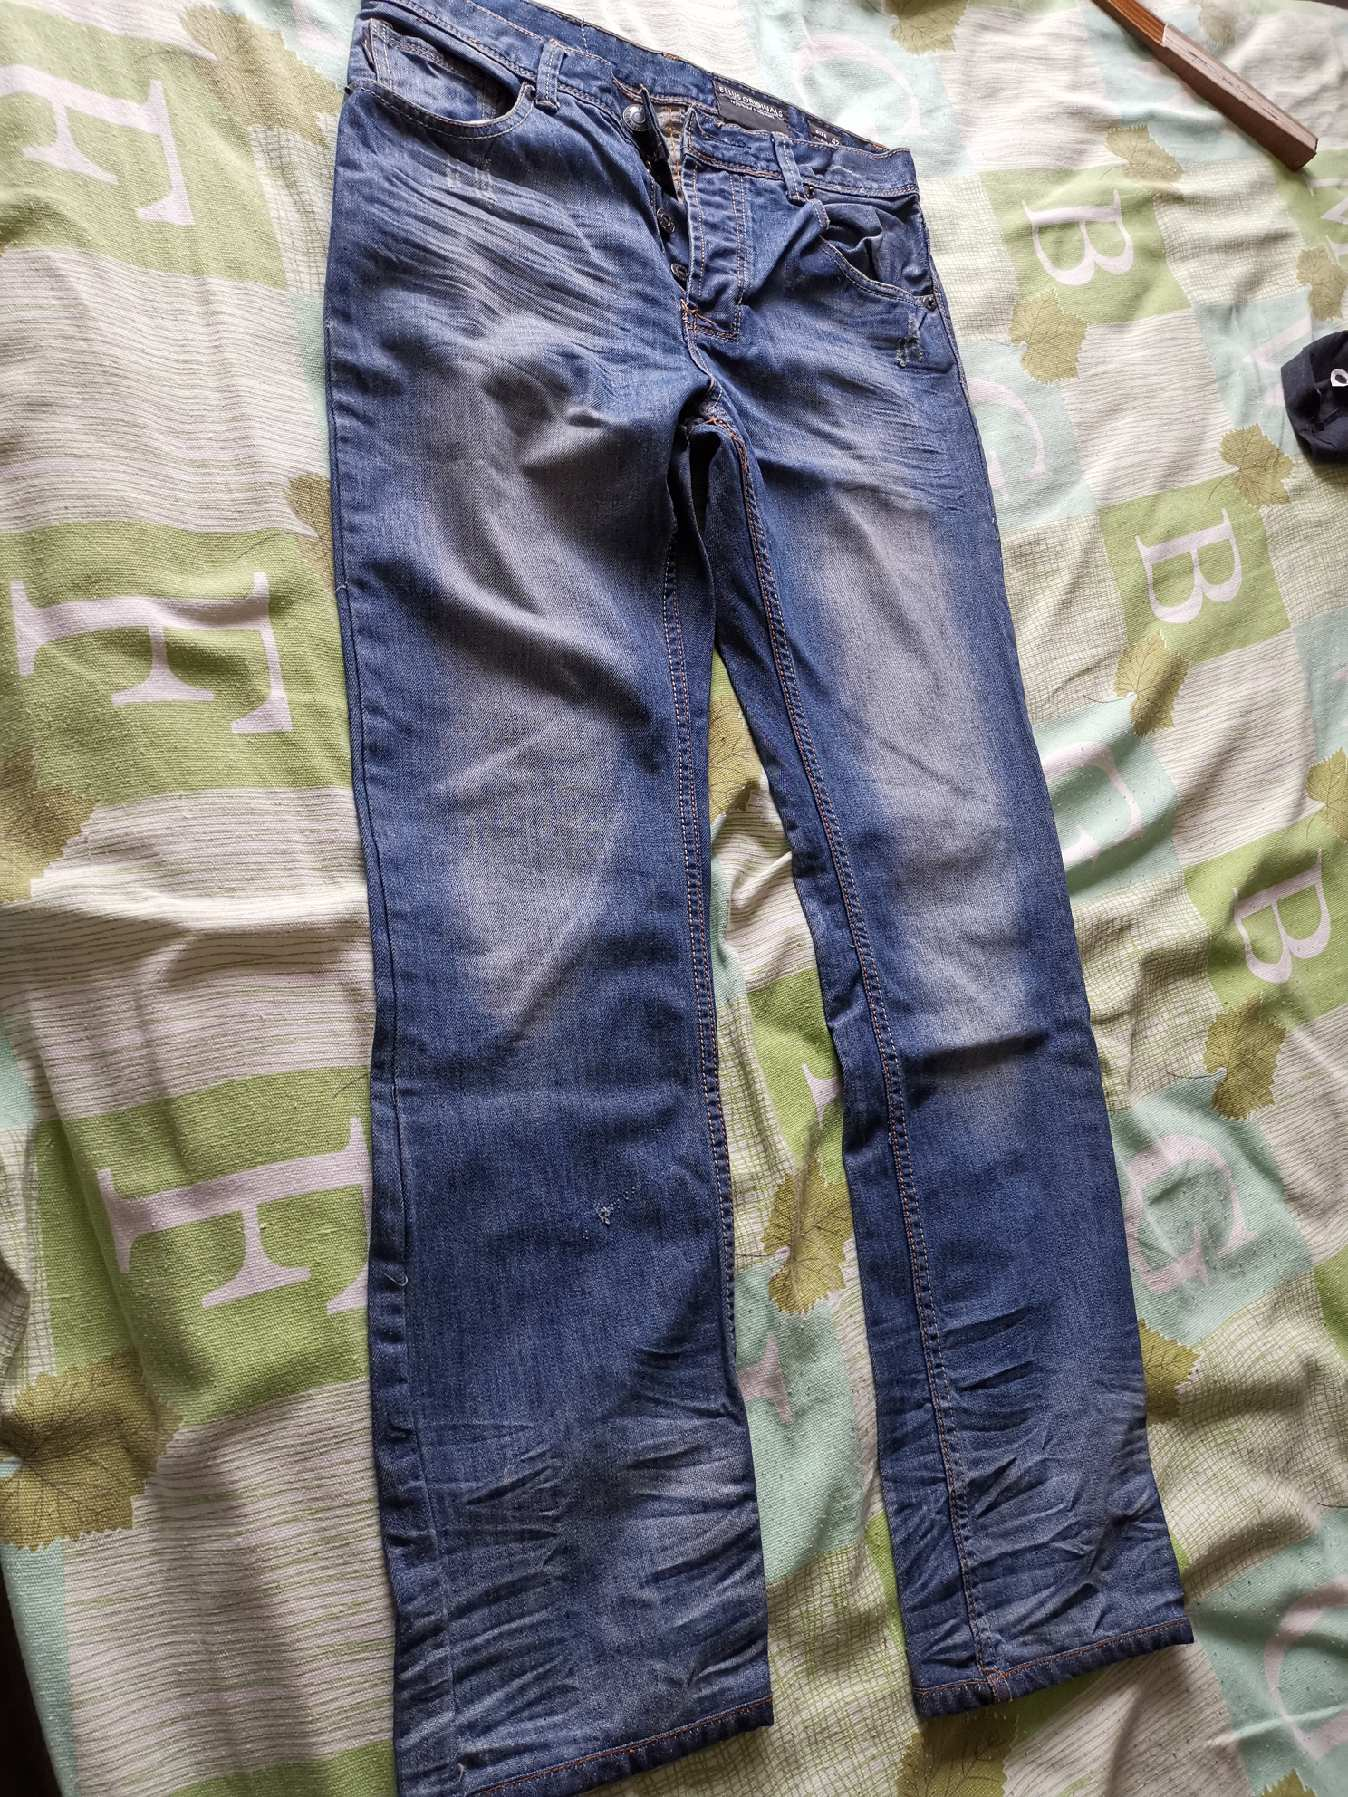 ELLUS ORIGINALS牛仔裤